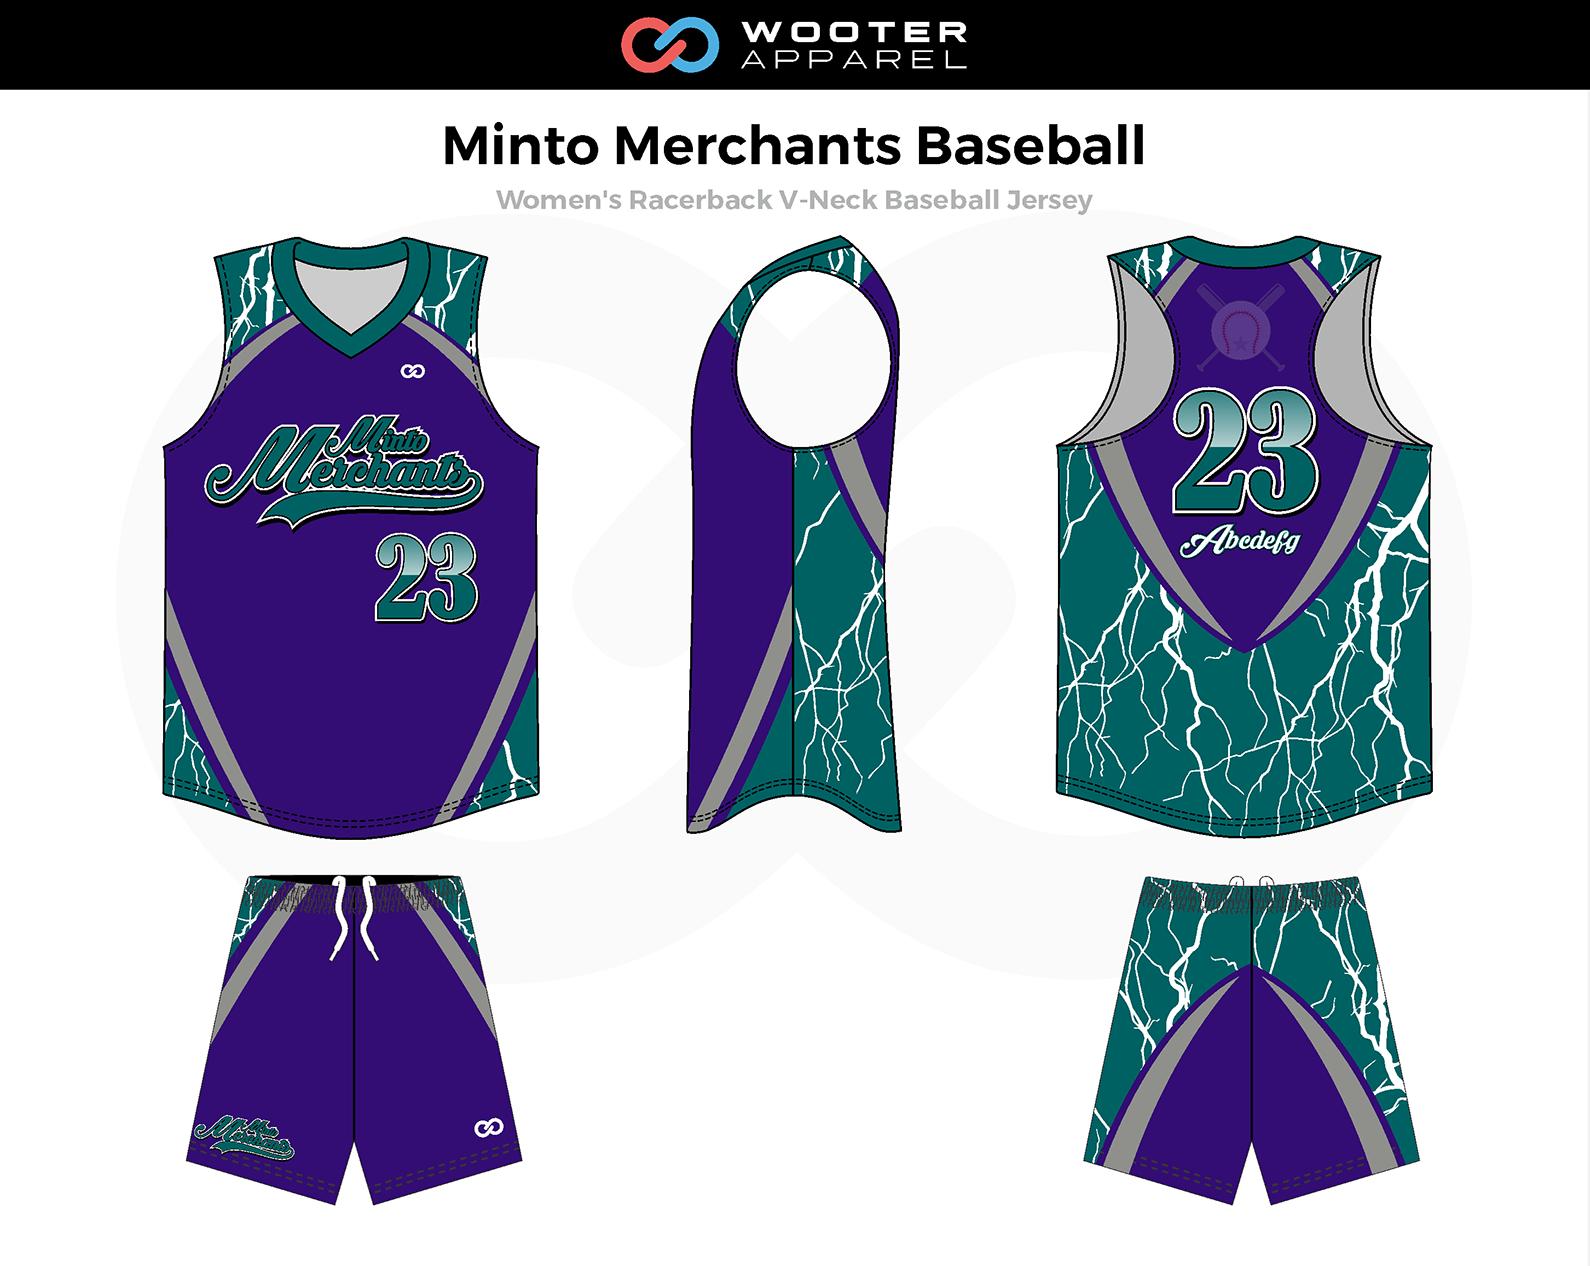 2018-08-29 Minto Merchants Baseball 1.png